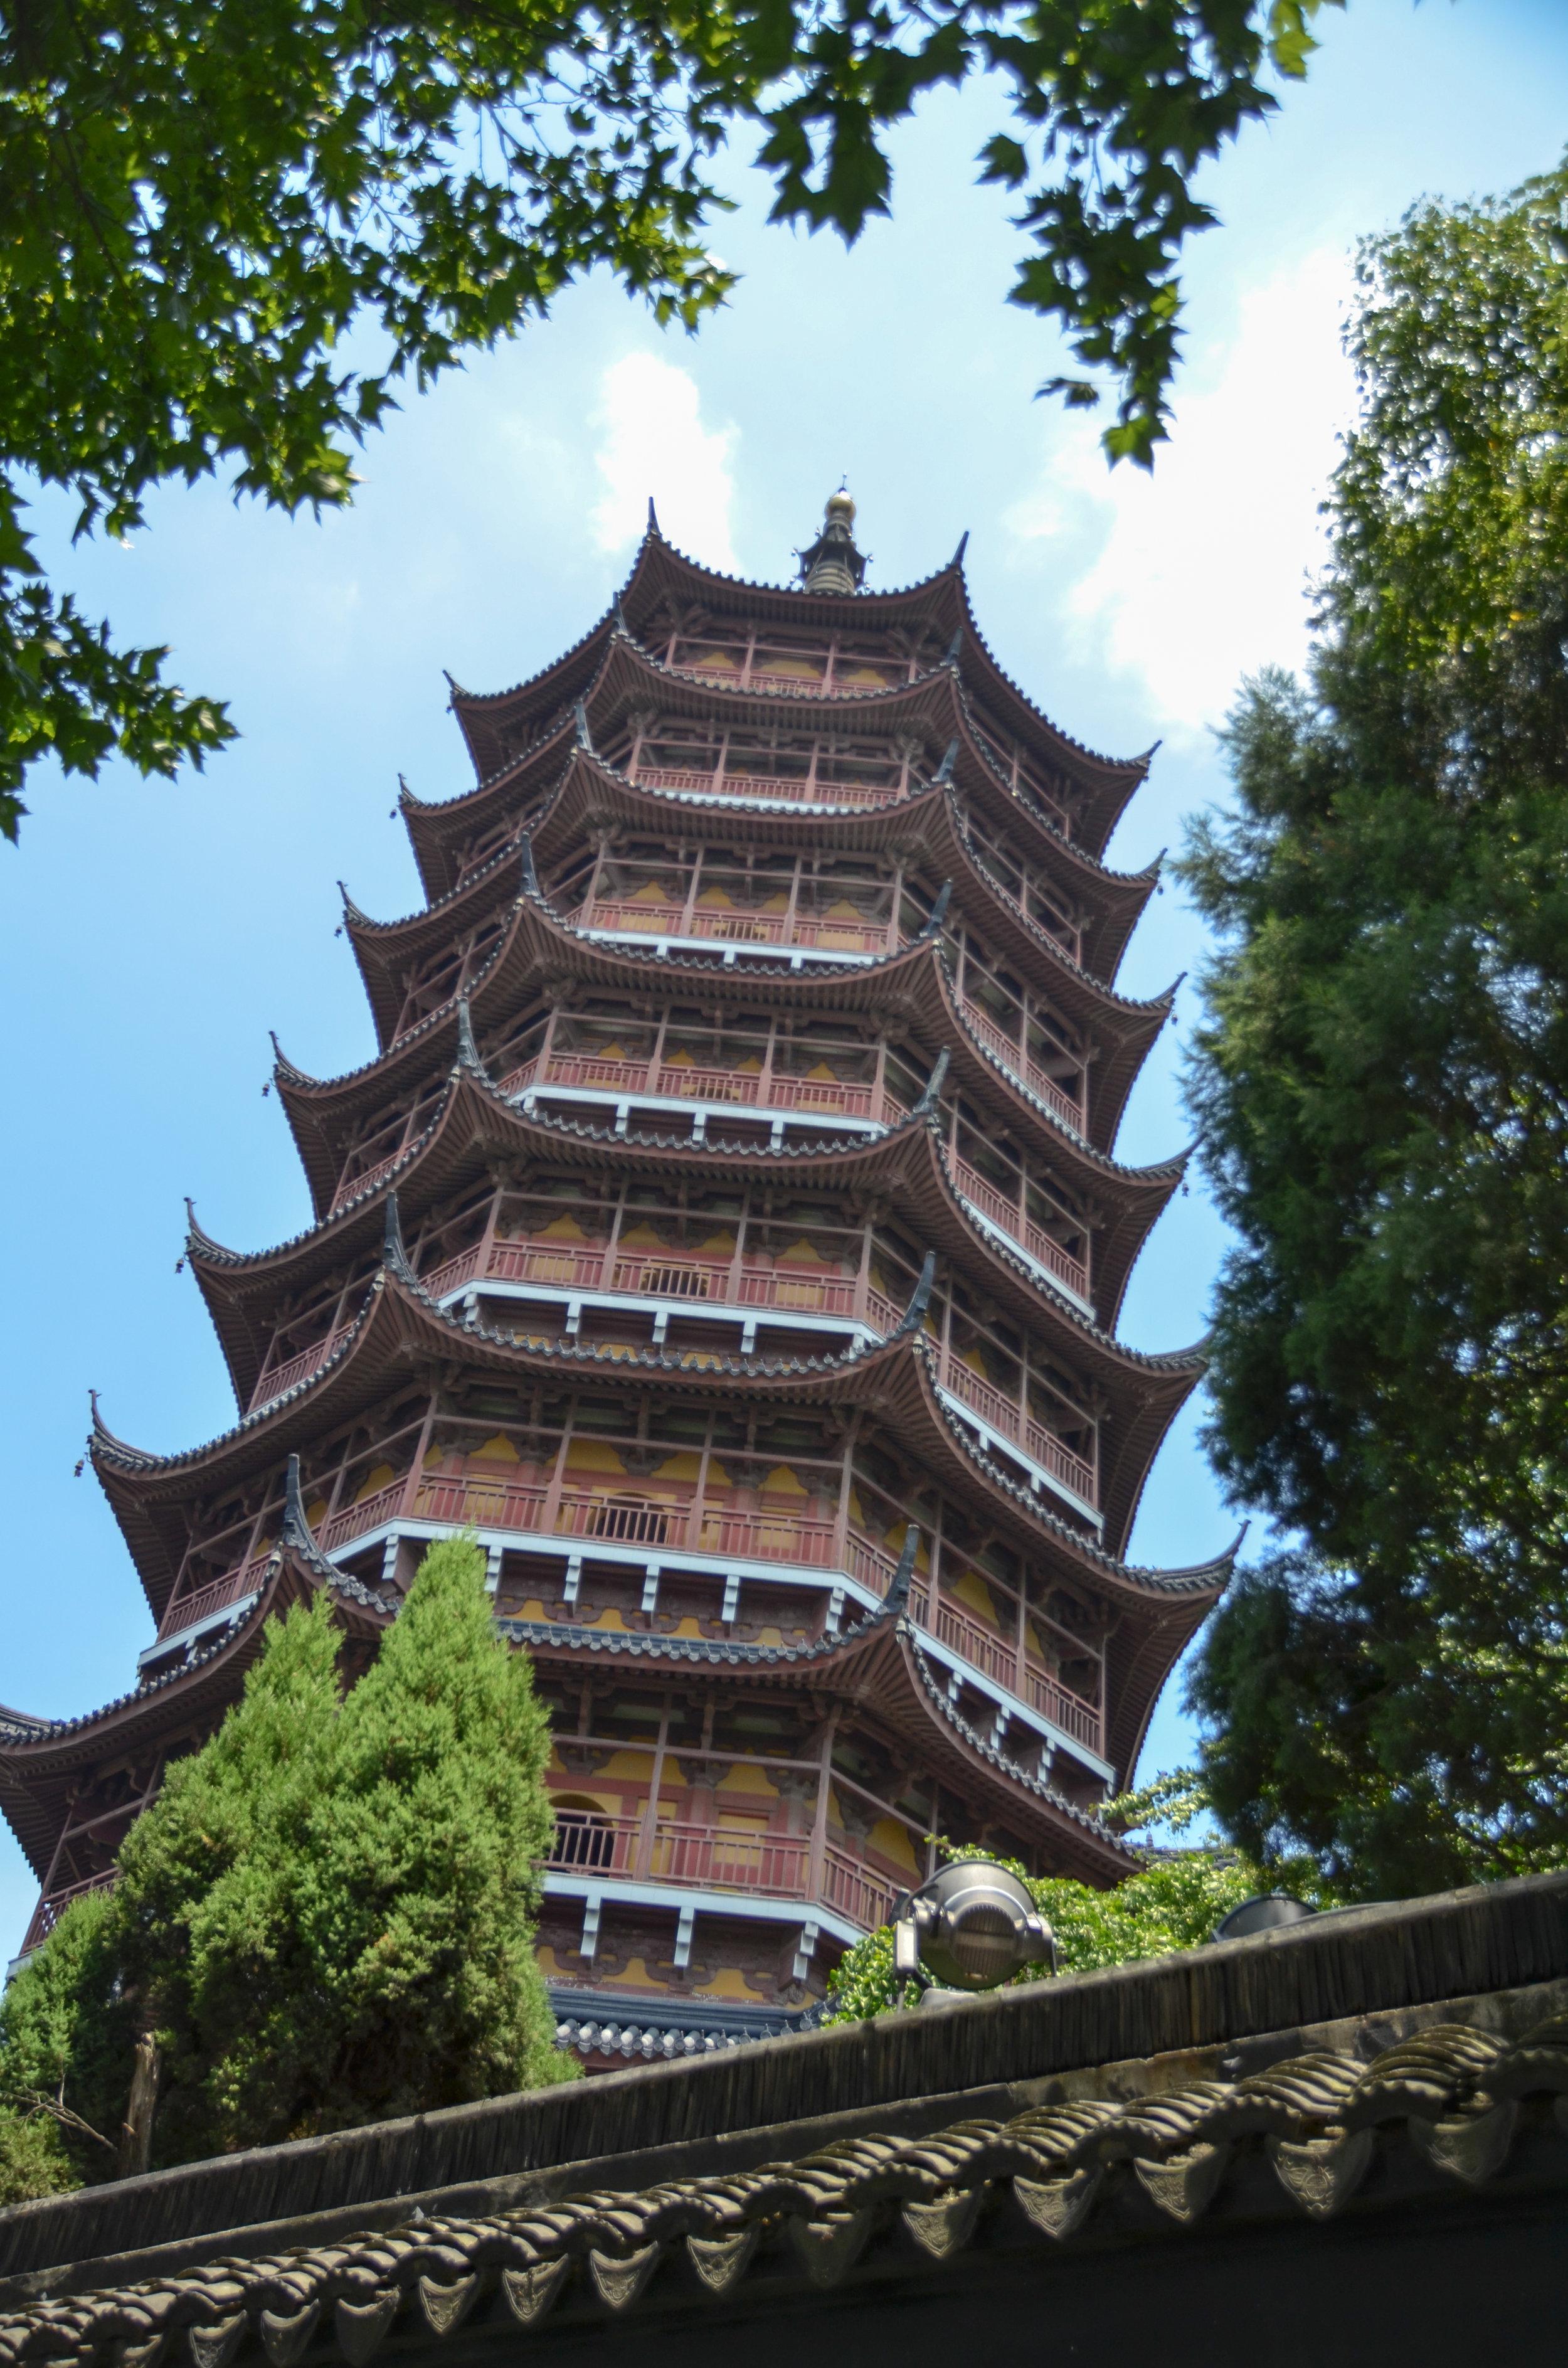 beijing-temple-1-of-1.jpg